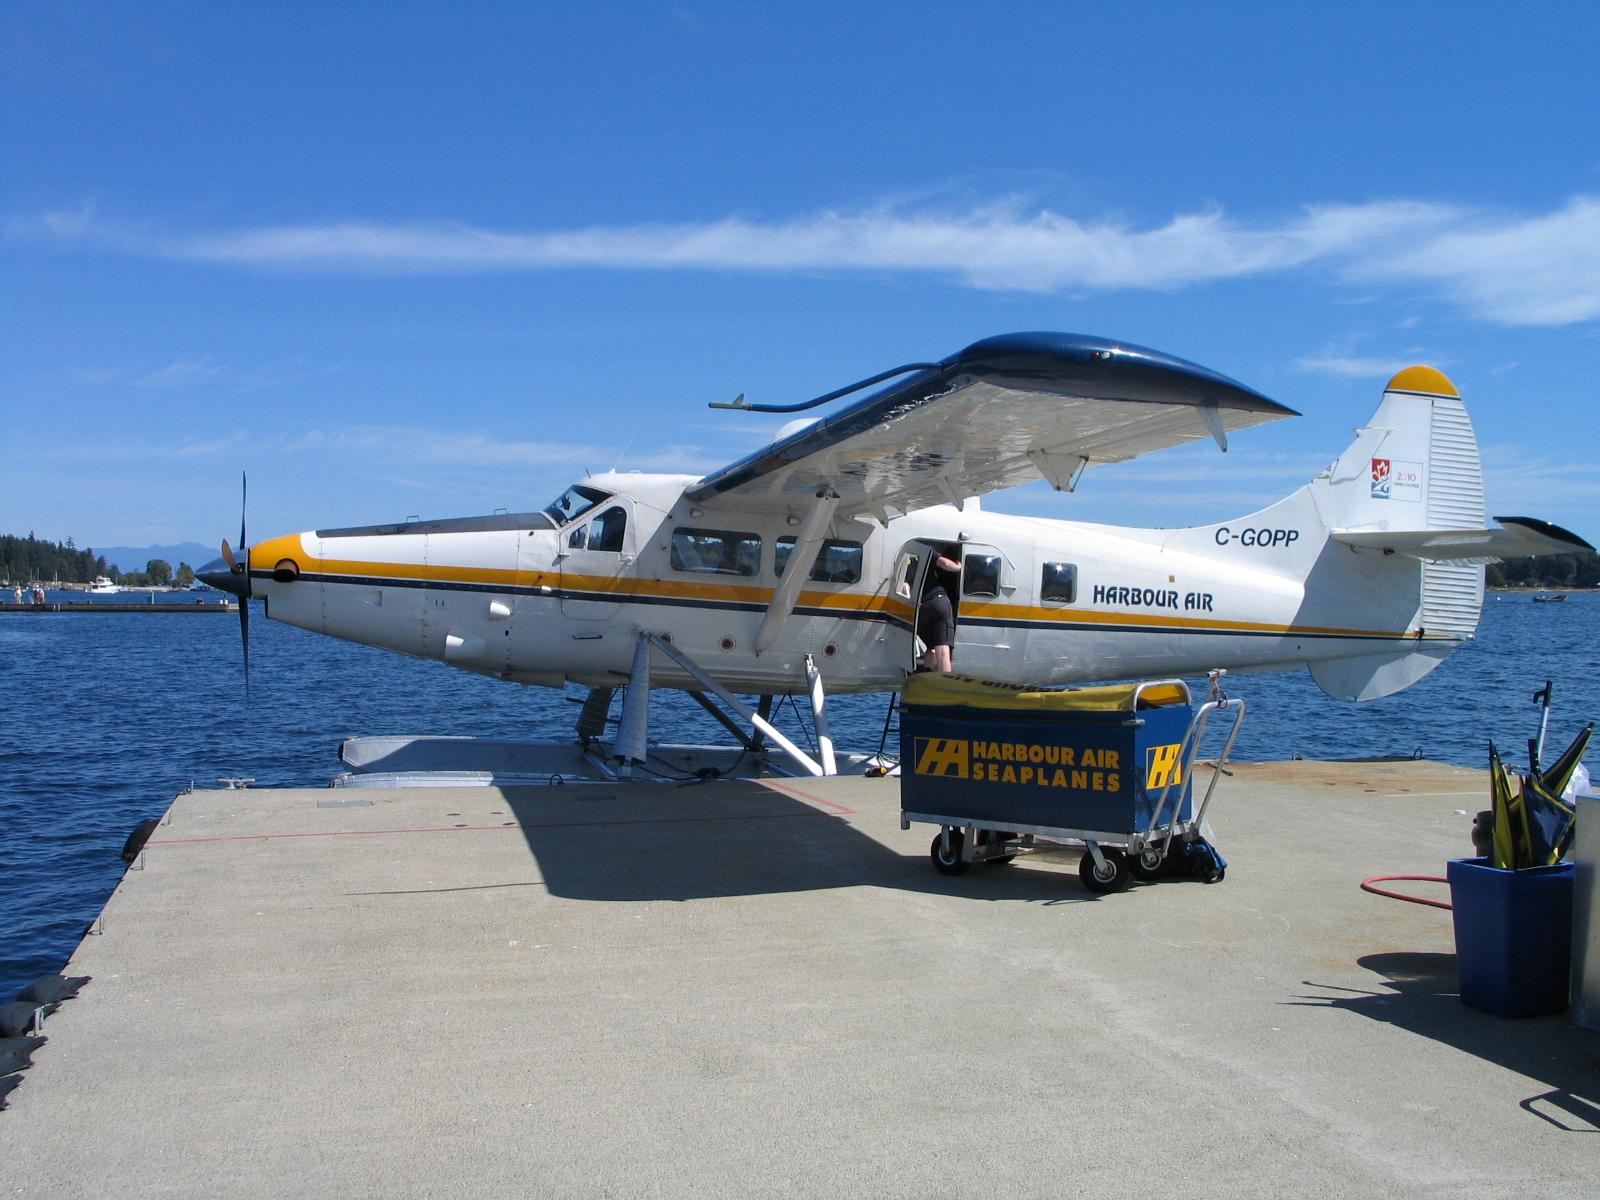 ハーバーエアーの水上飛行機。約20人乗りです。夏はいいですが、冬は良く揺れるそうです。